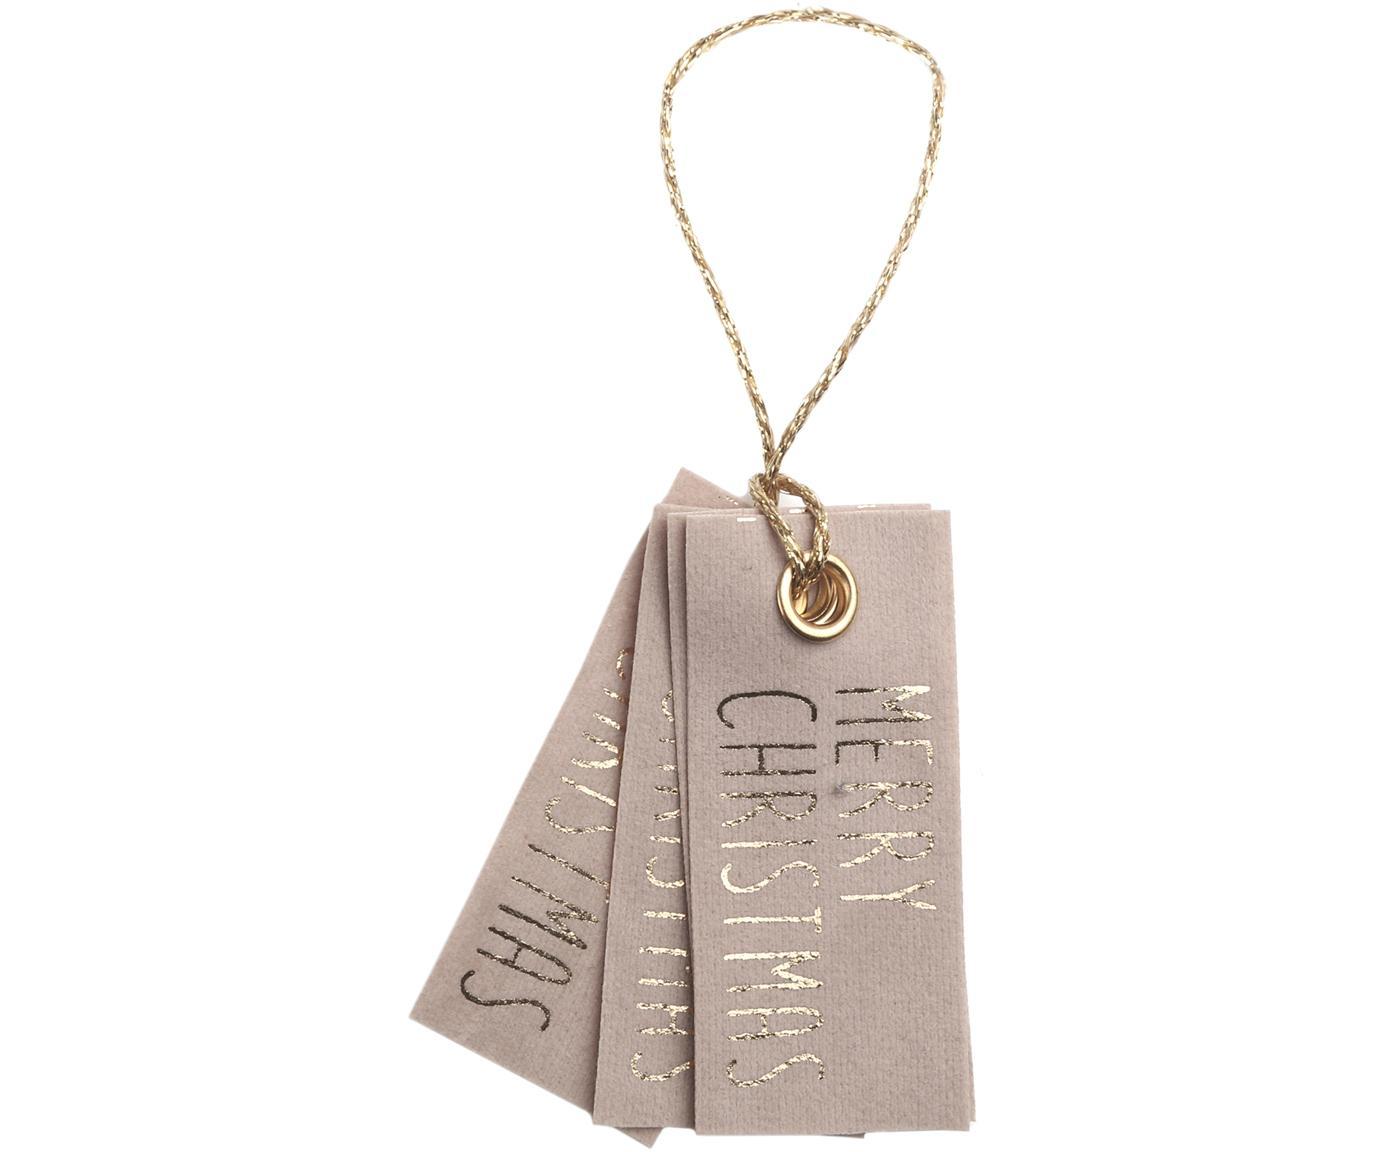 Komplet etykietek na prezent Vellu, 6 szt., 50% poliester, 40% sztuczny jedwab, 10% klej, Jasny brązowy, odcienie złotego, S 3 x W 7 cm